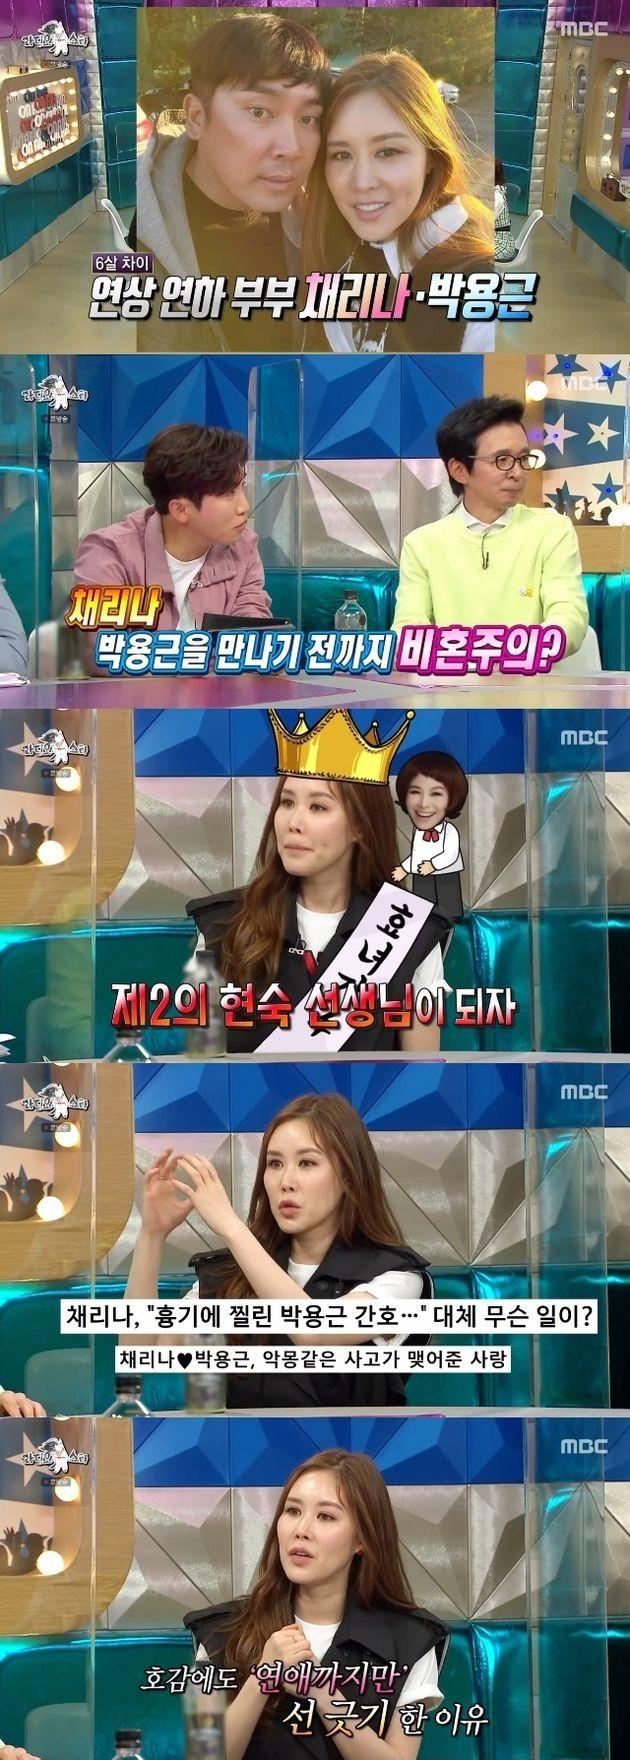 2일 MBC '라디오스타' 출연한 가수